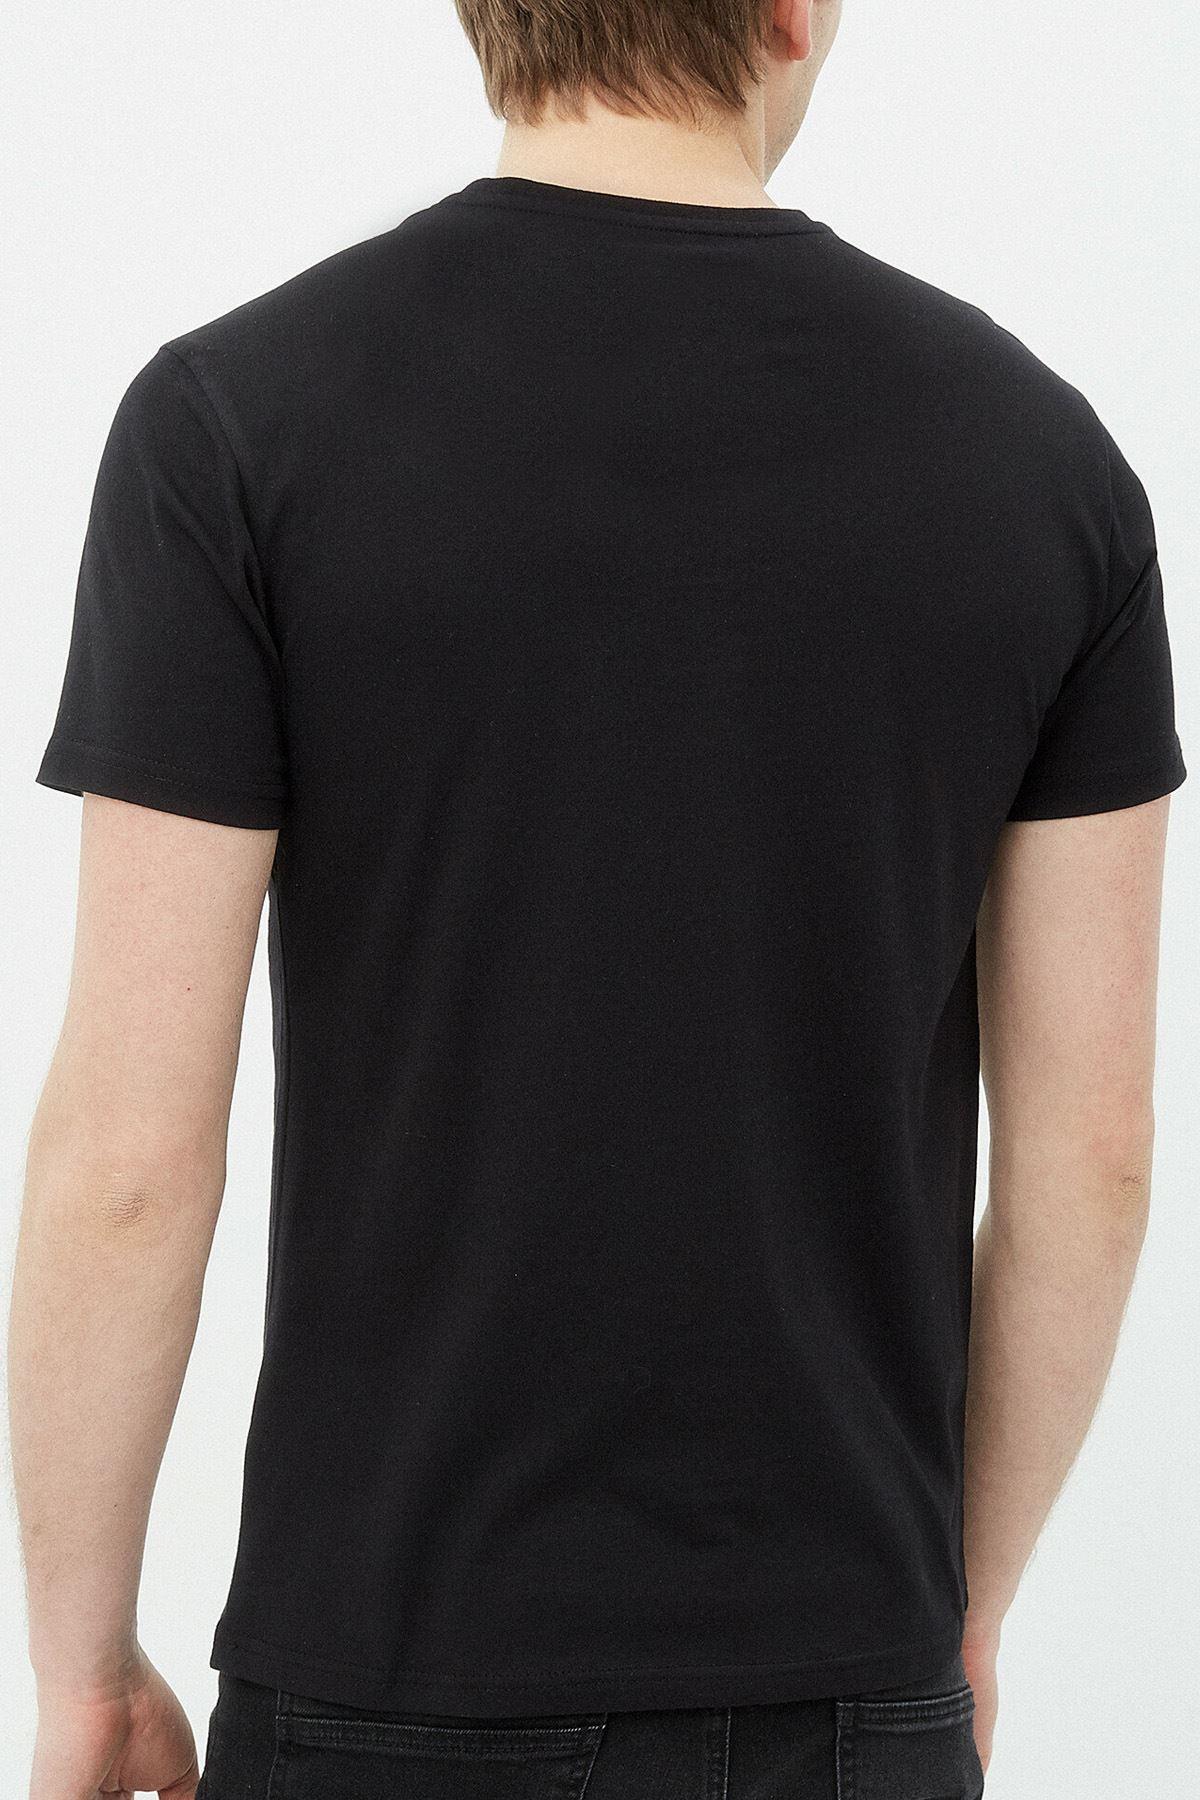 Anime 01 Siyah Erkek Tshirt - Tişört